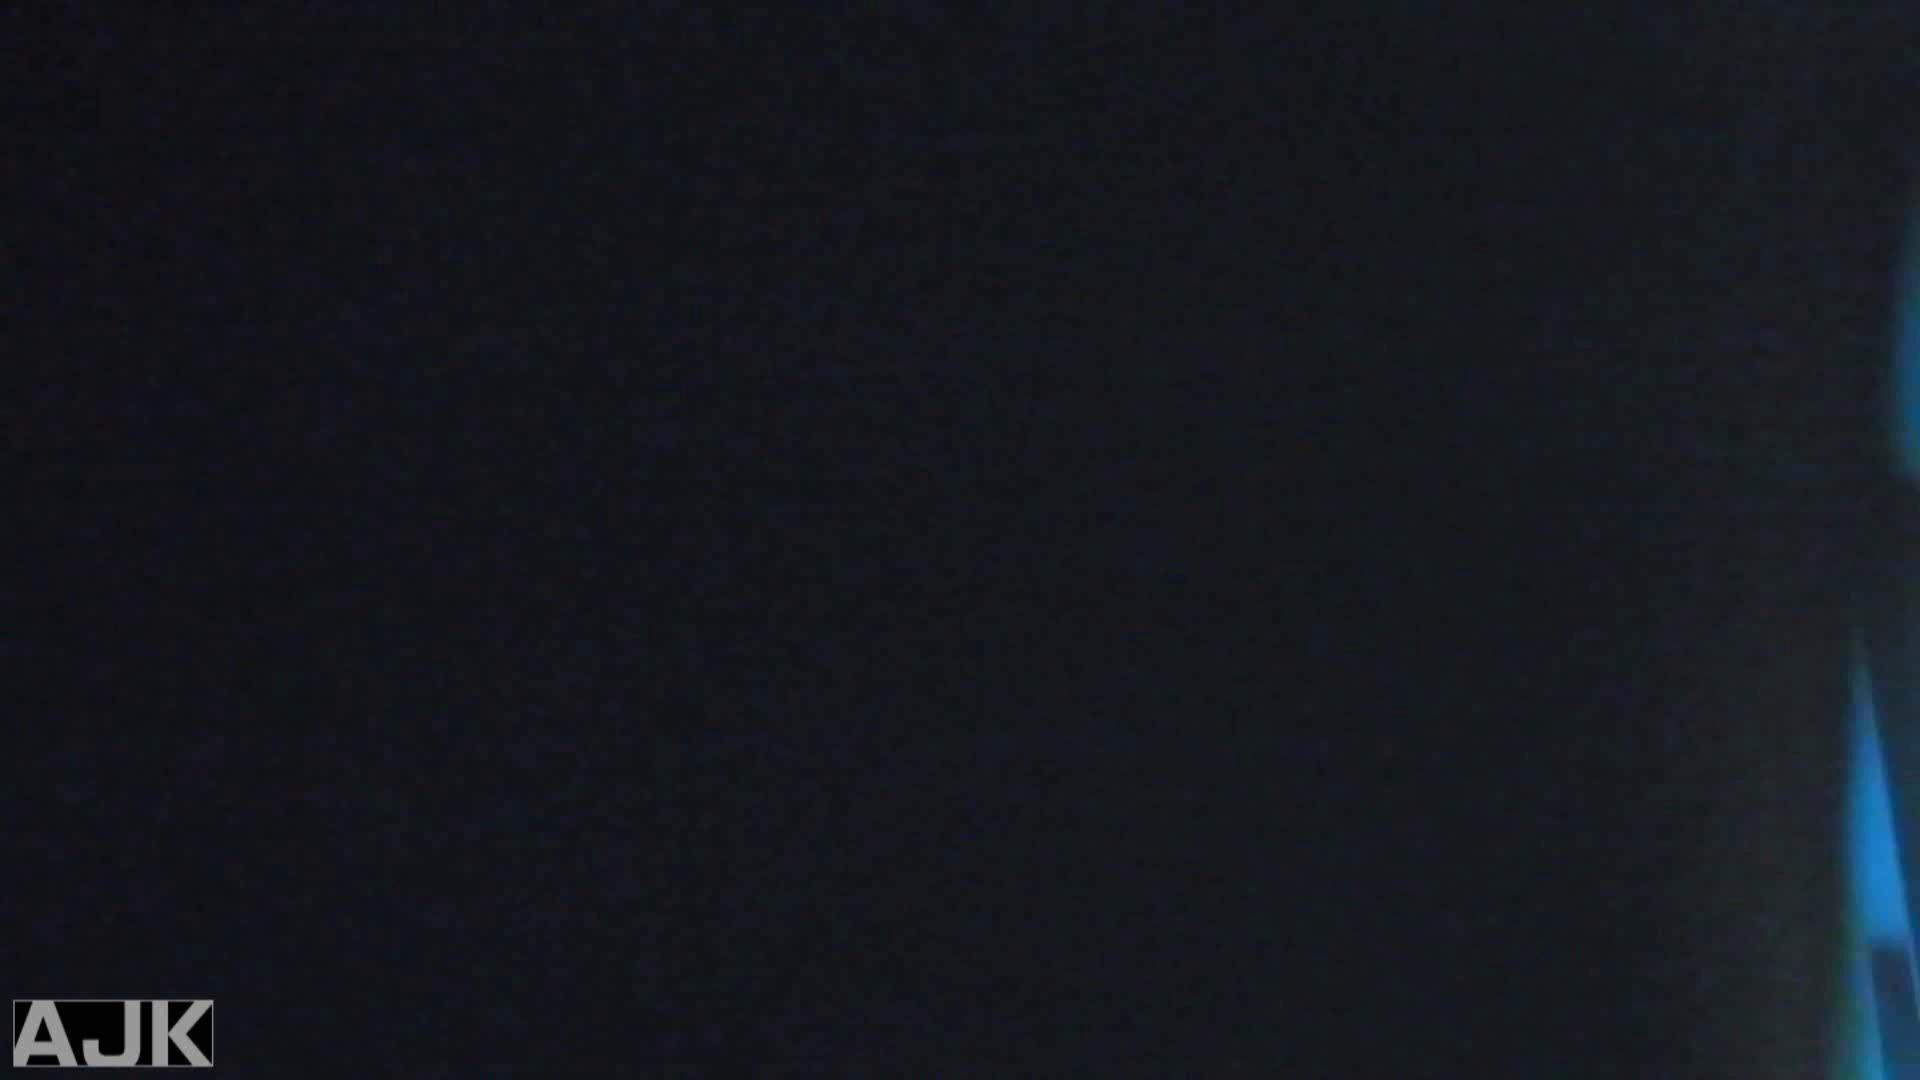 神降臨!史上最強の潜入かわや! vol.24 潜入シリーズ | オマンコ  97pic 26